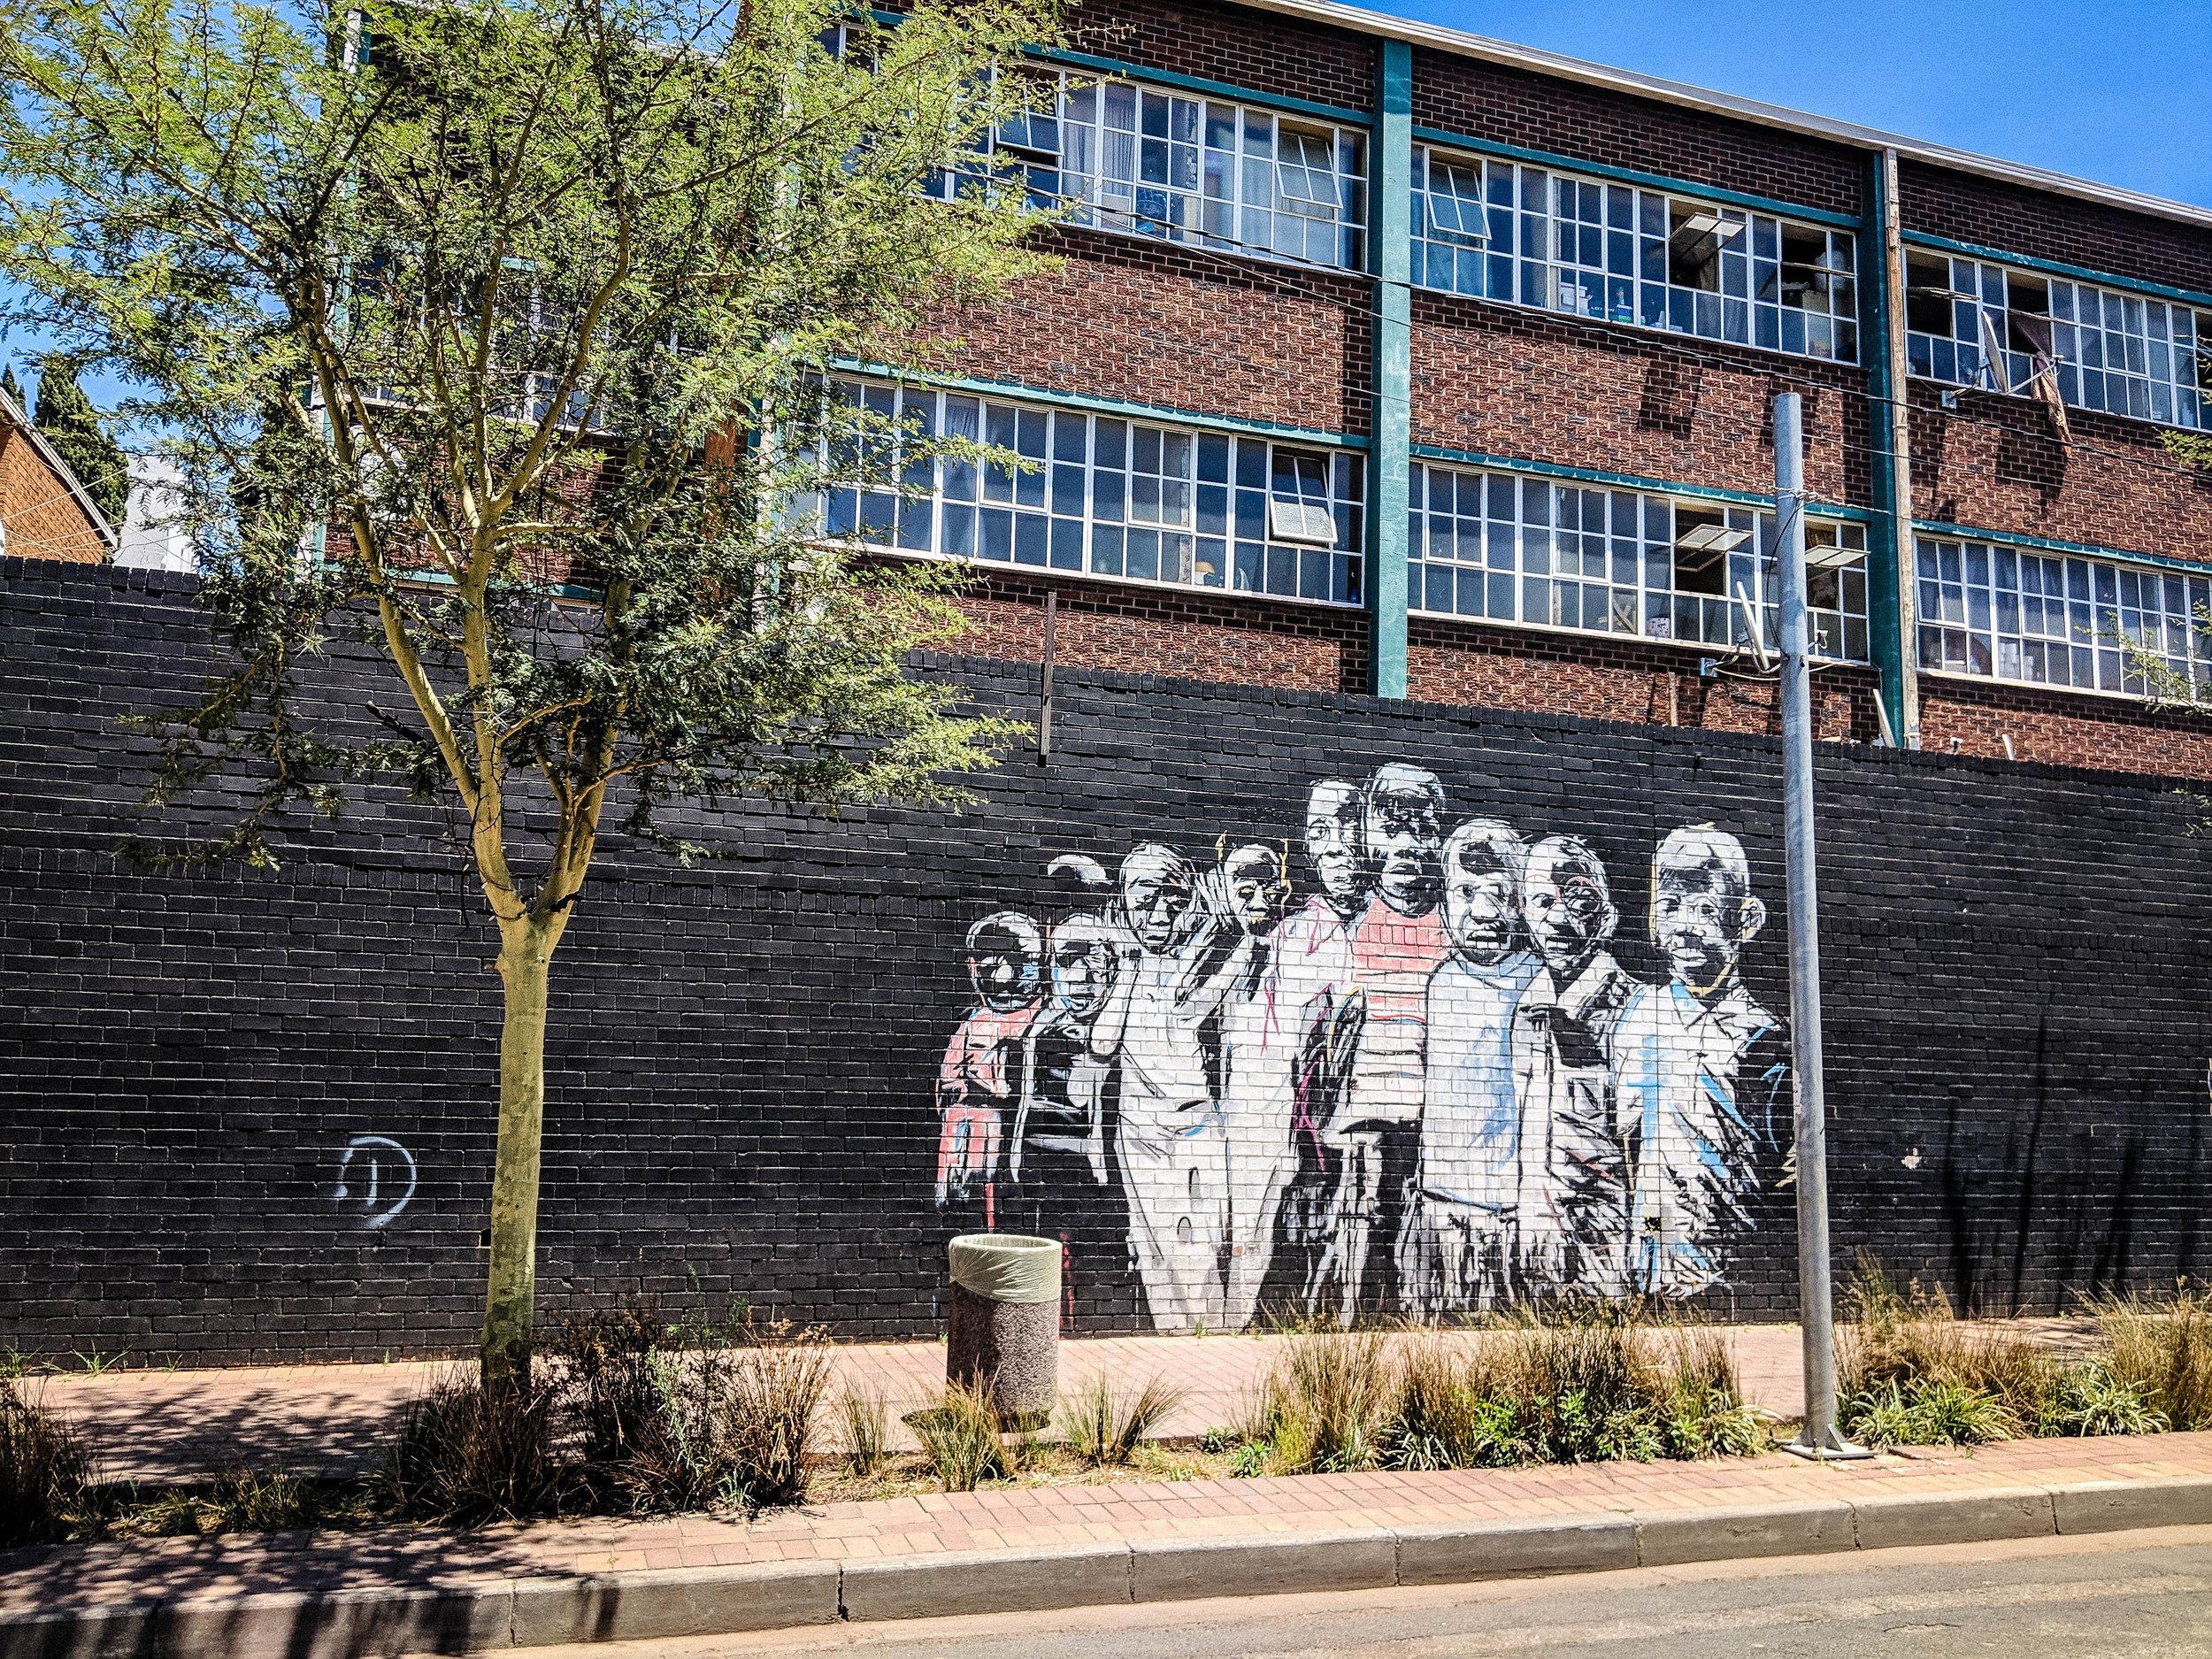 Street art in Maboneng, Johannesburg. Johannesburg Itinerary